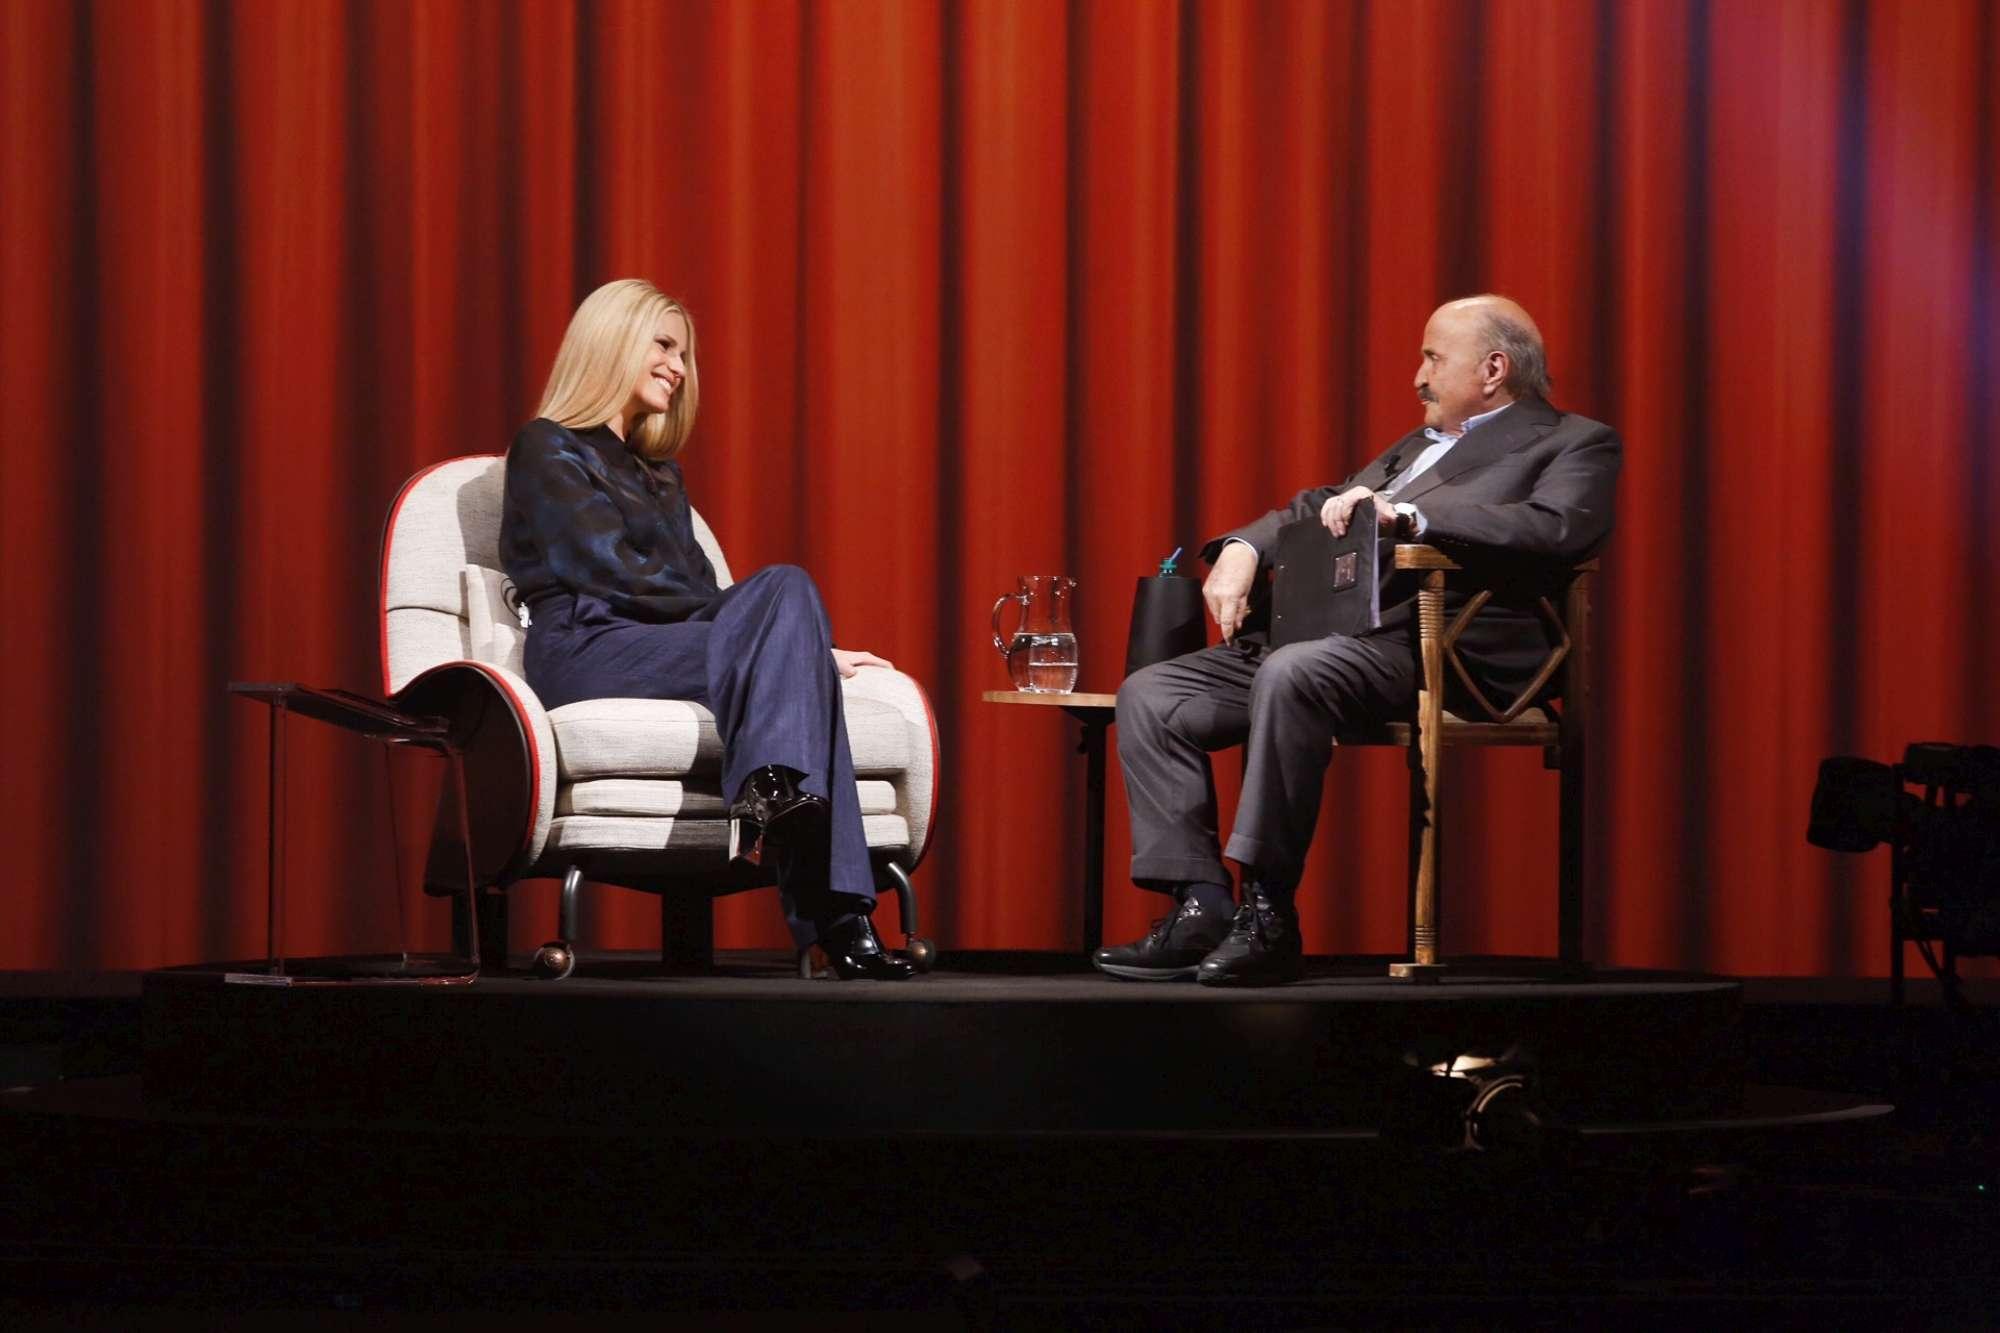 L Intervista , Michelle Hunziker si racconta a Maurizio Costanzo